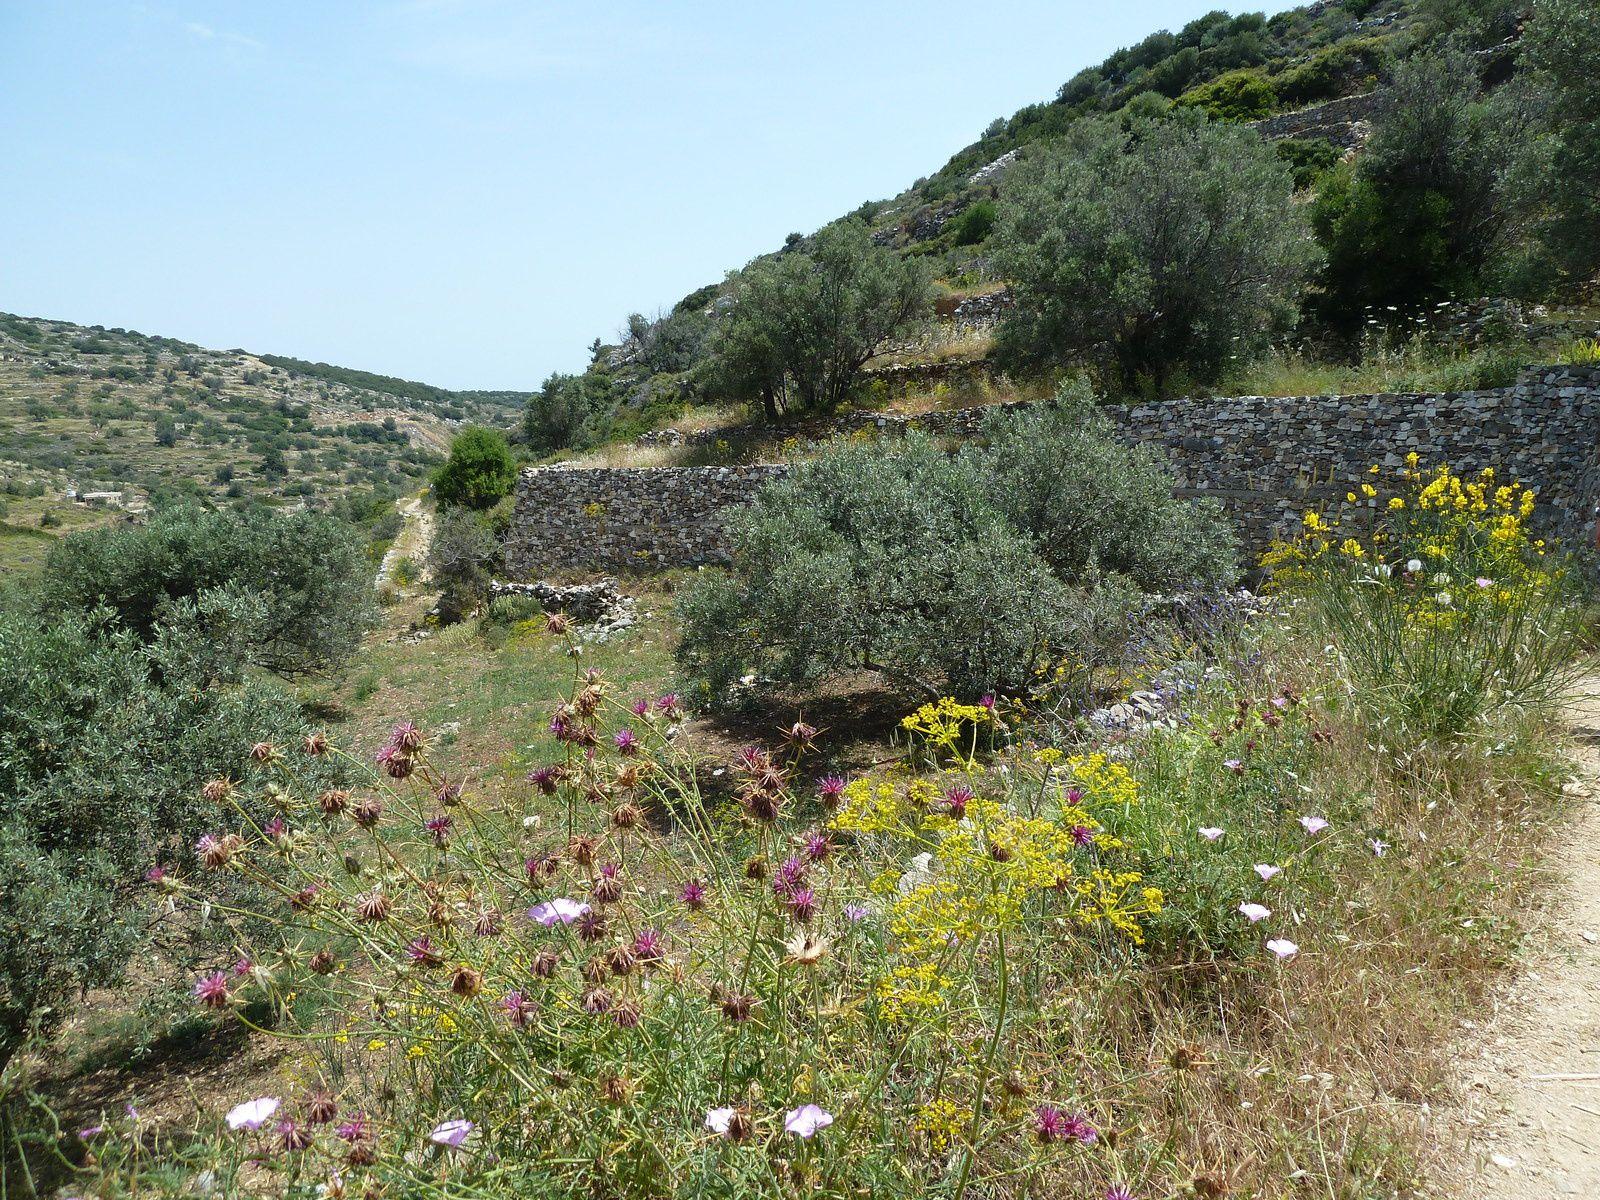 """A la sortie du village, nous prenons le sentier, balisé n°1 en rouge et blanc, dit """"route Byzantine"""" construit il y a environ 1000 ans avec des pierres de marbre. Les paysages sont magnifiques, des oliveraies ainsi que des champs couverts de pervenches, de genêts en fleurs, de thym, d'origan..."""